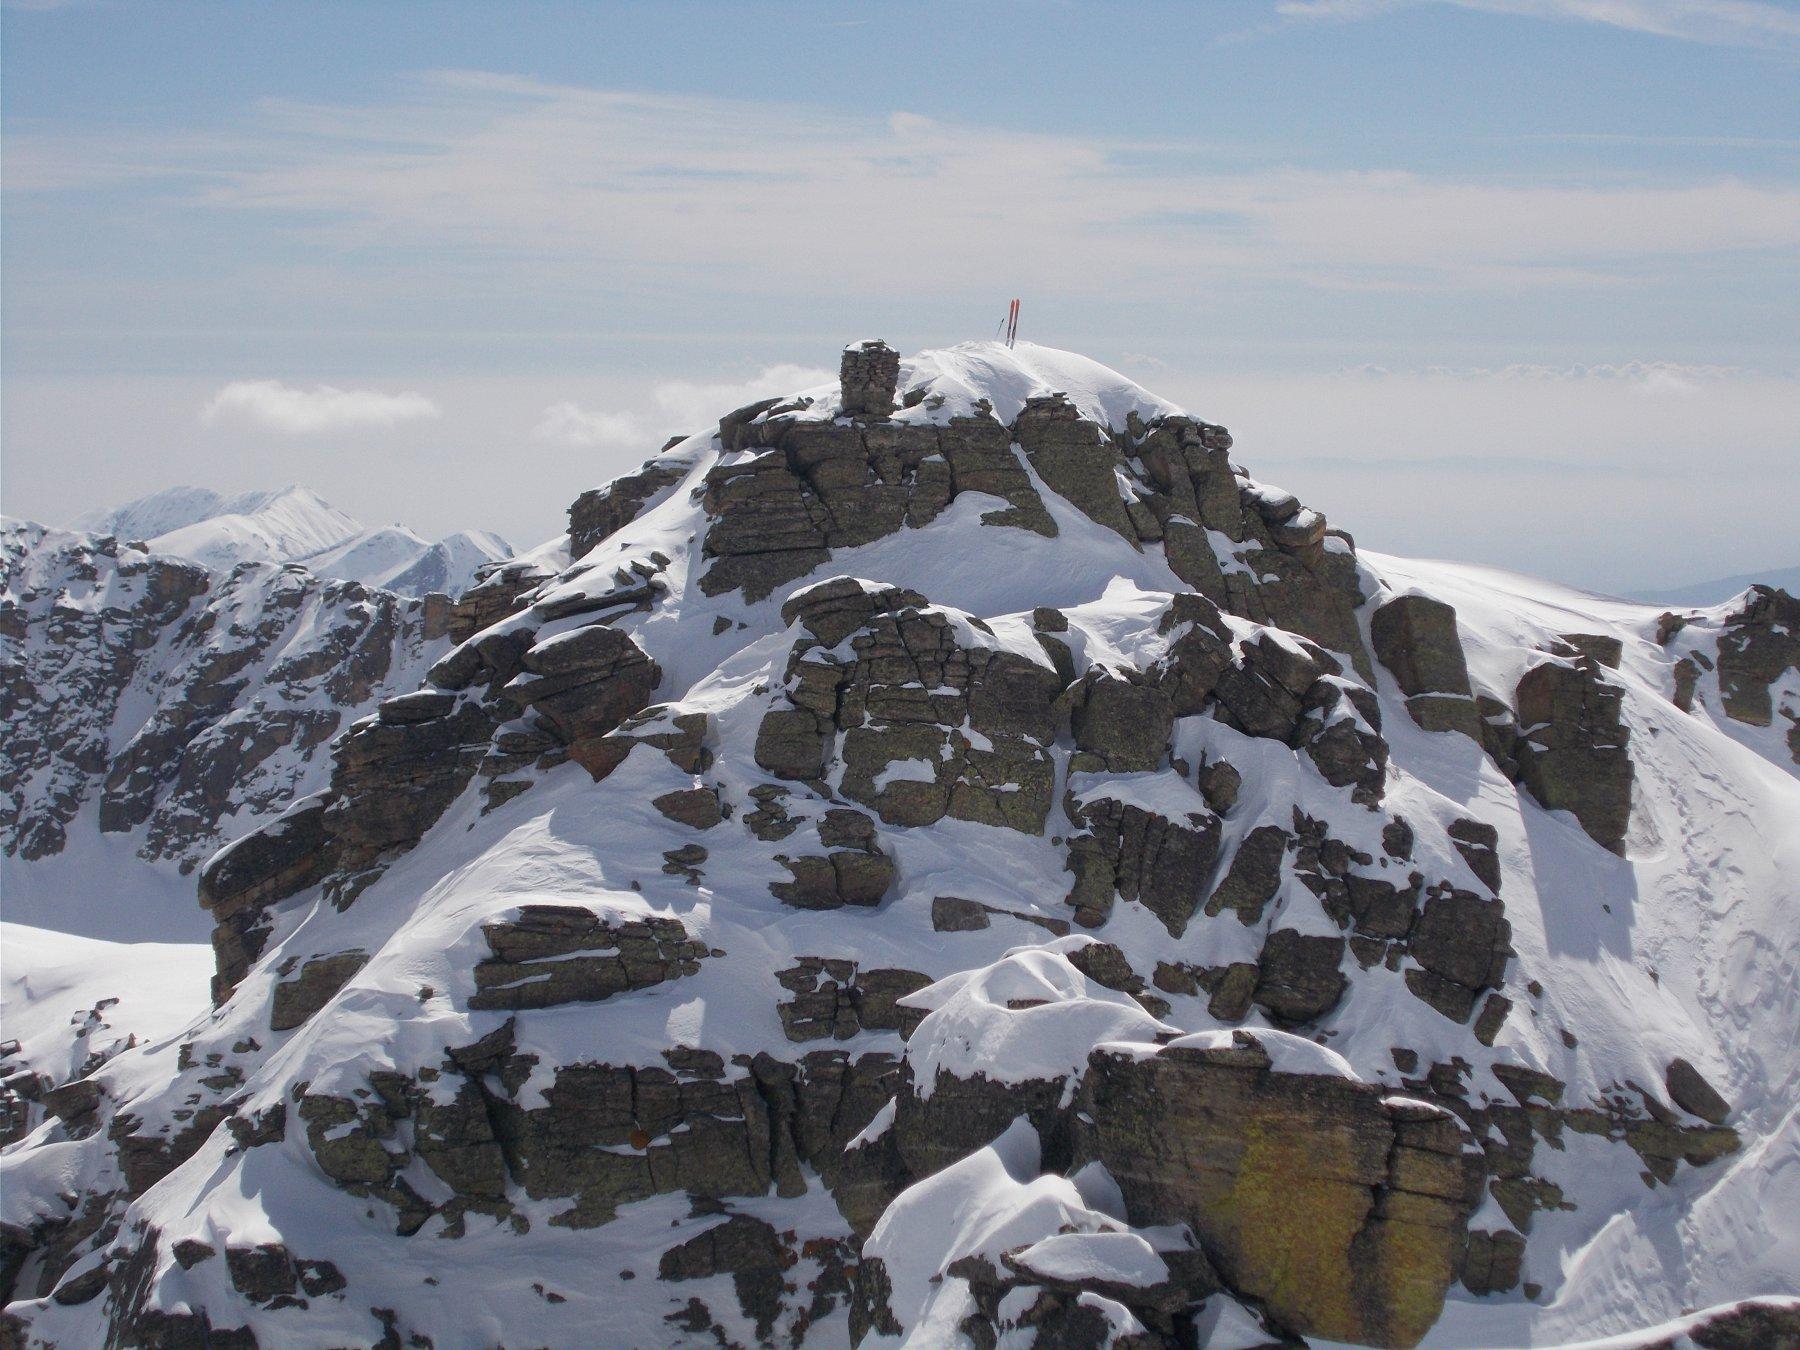 la cima escursionistica dal torrione nord ovest..